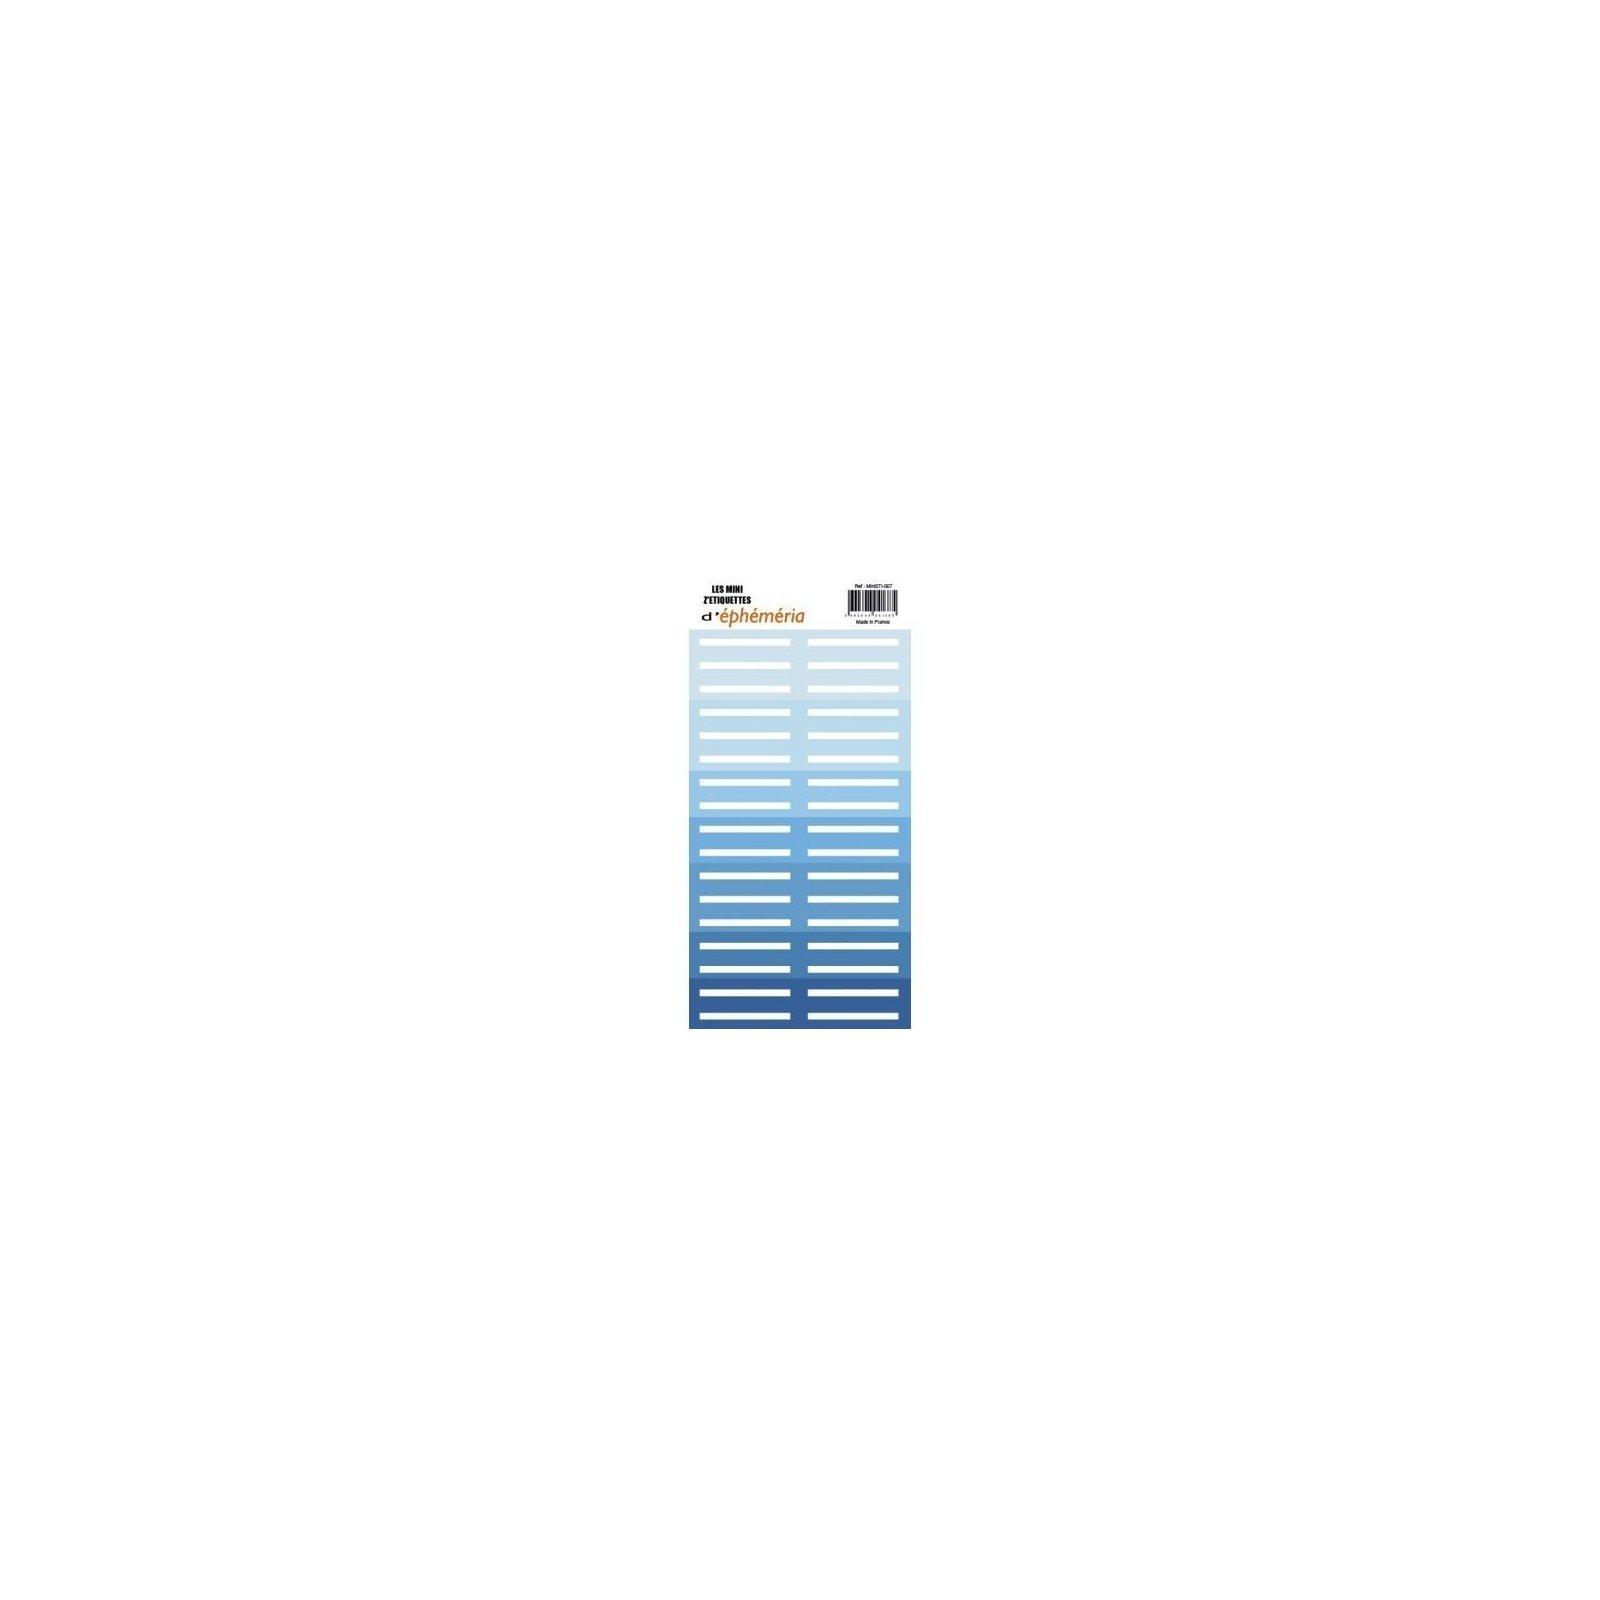 Les mini z'étiquettes - Nuances de bleu - Ephemeria